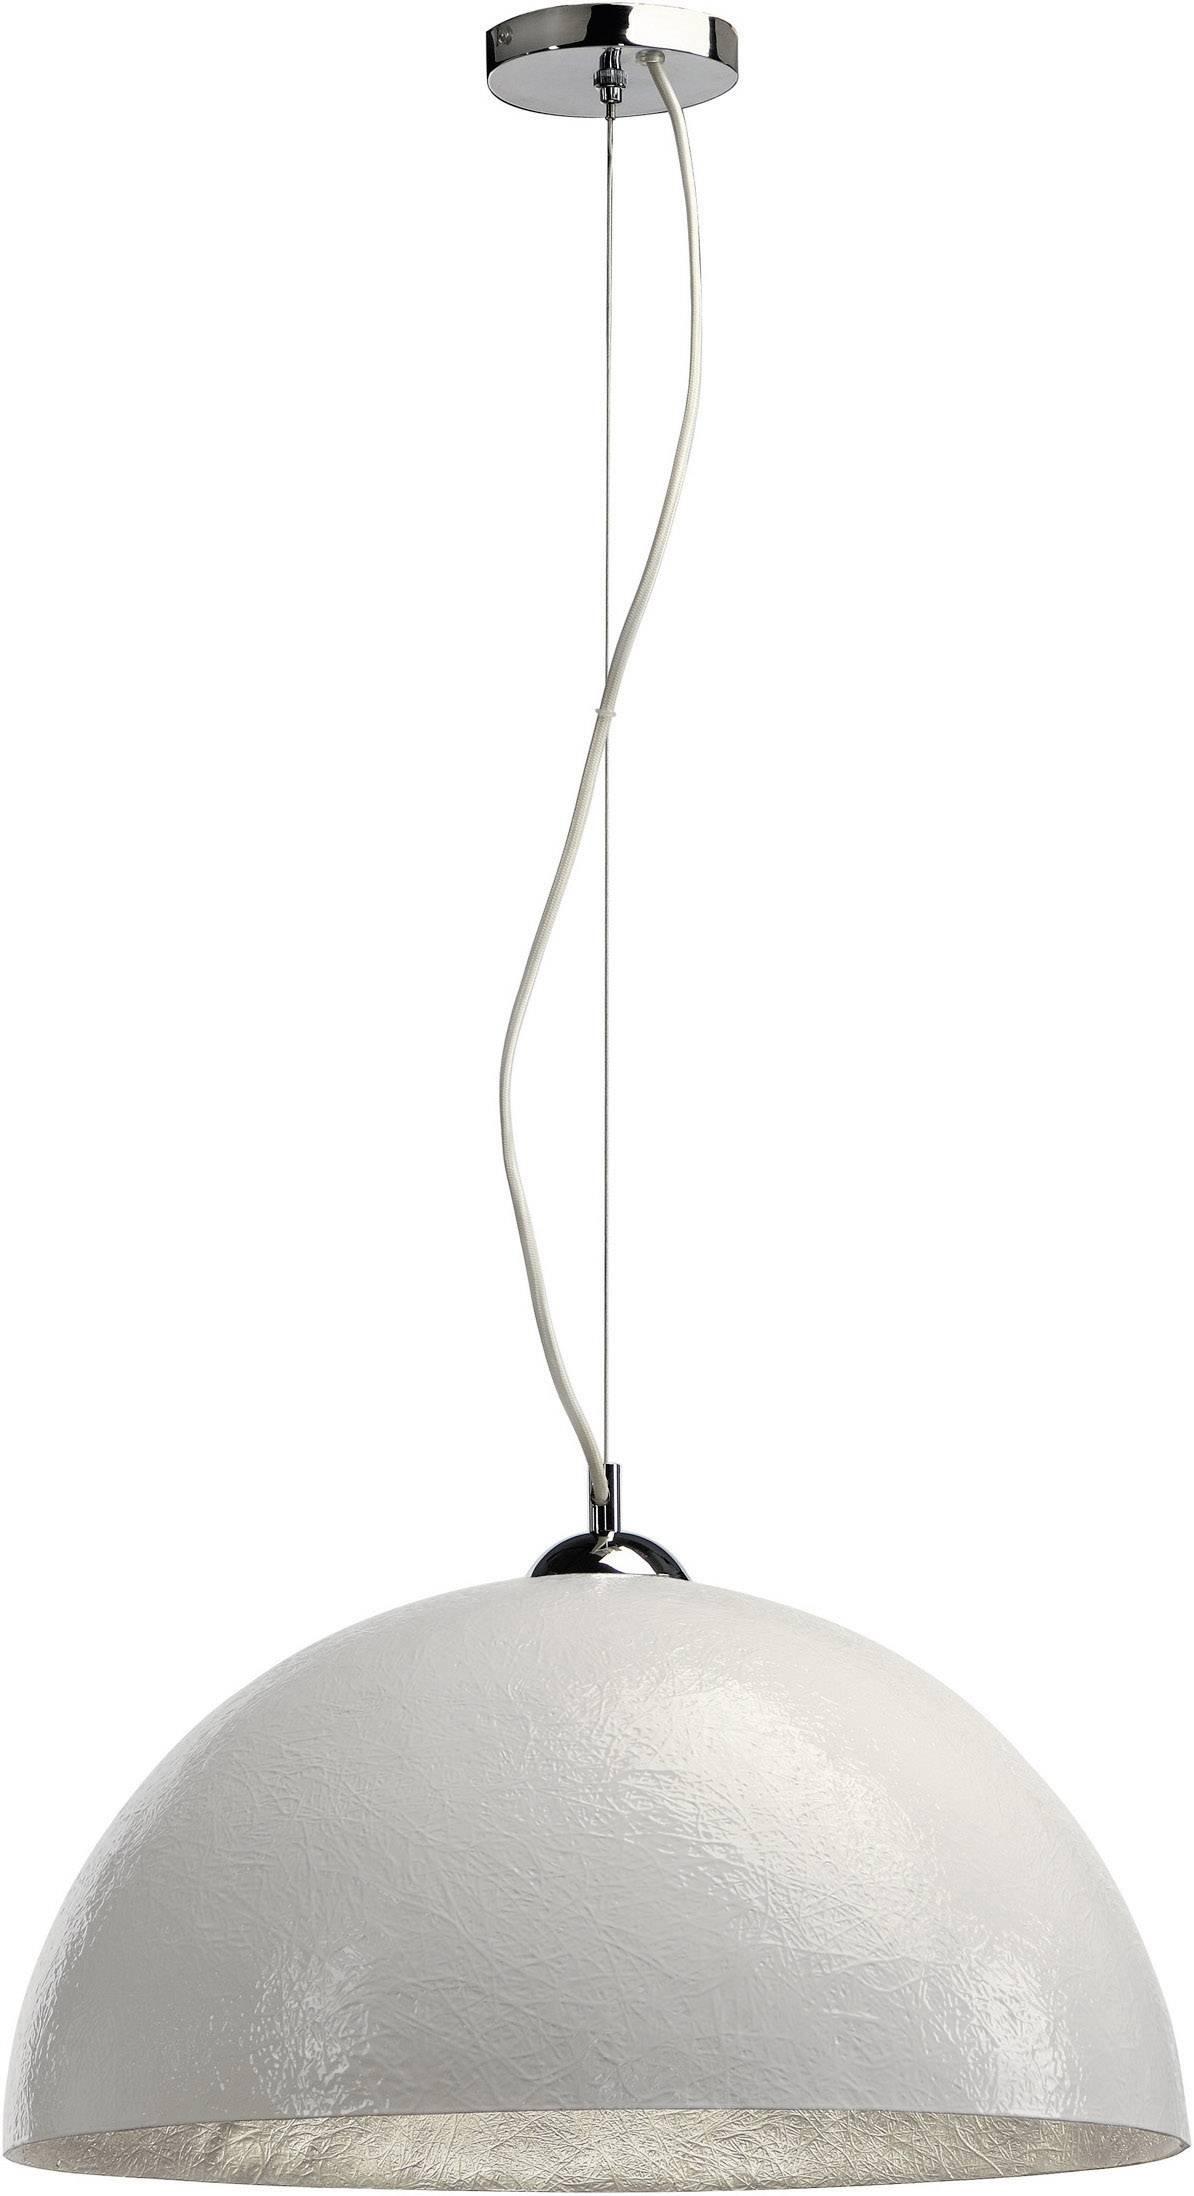 Závesné svietidlo LED SLV Forchini 155521, E27, 40 W, biela, strieborná